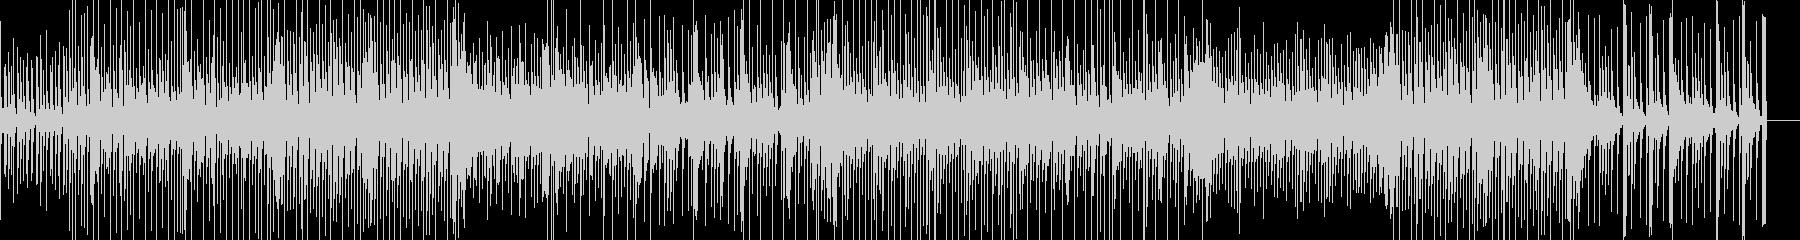 明るく心が弾むようなポップス曲の未再生の波形